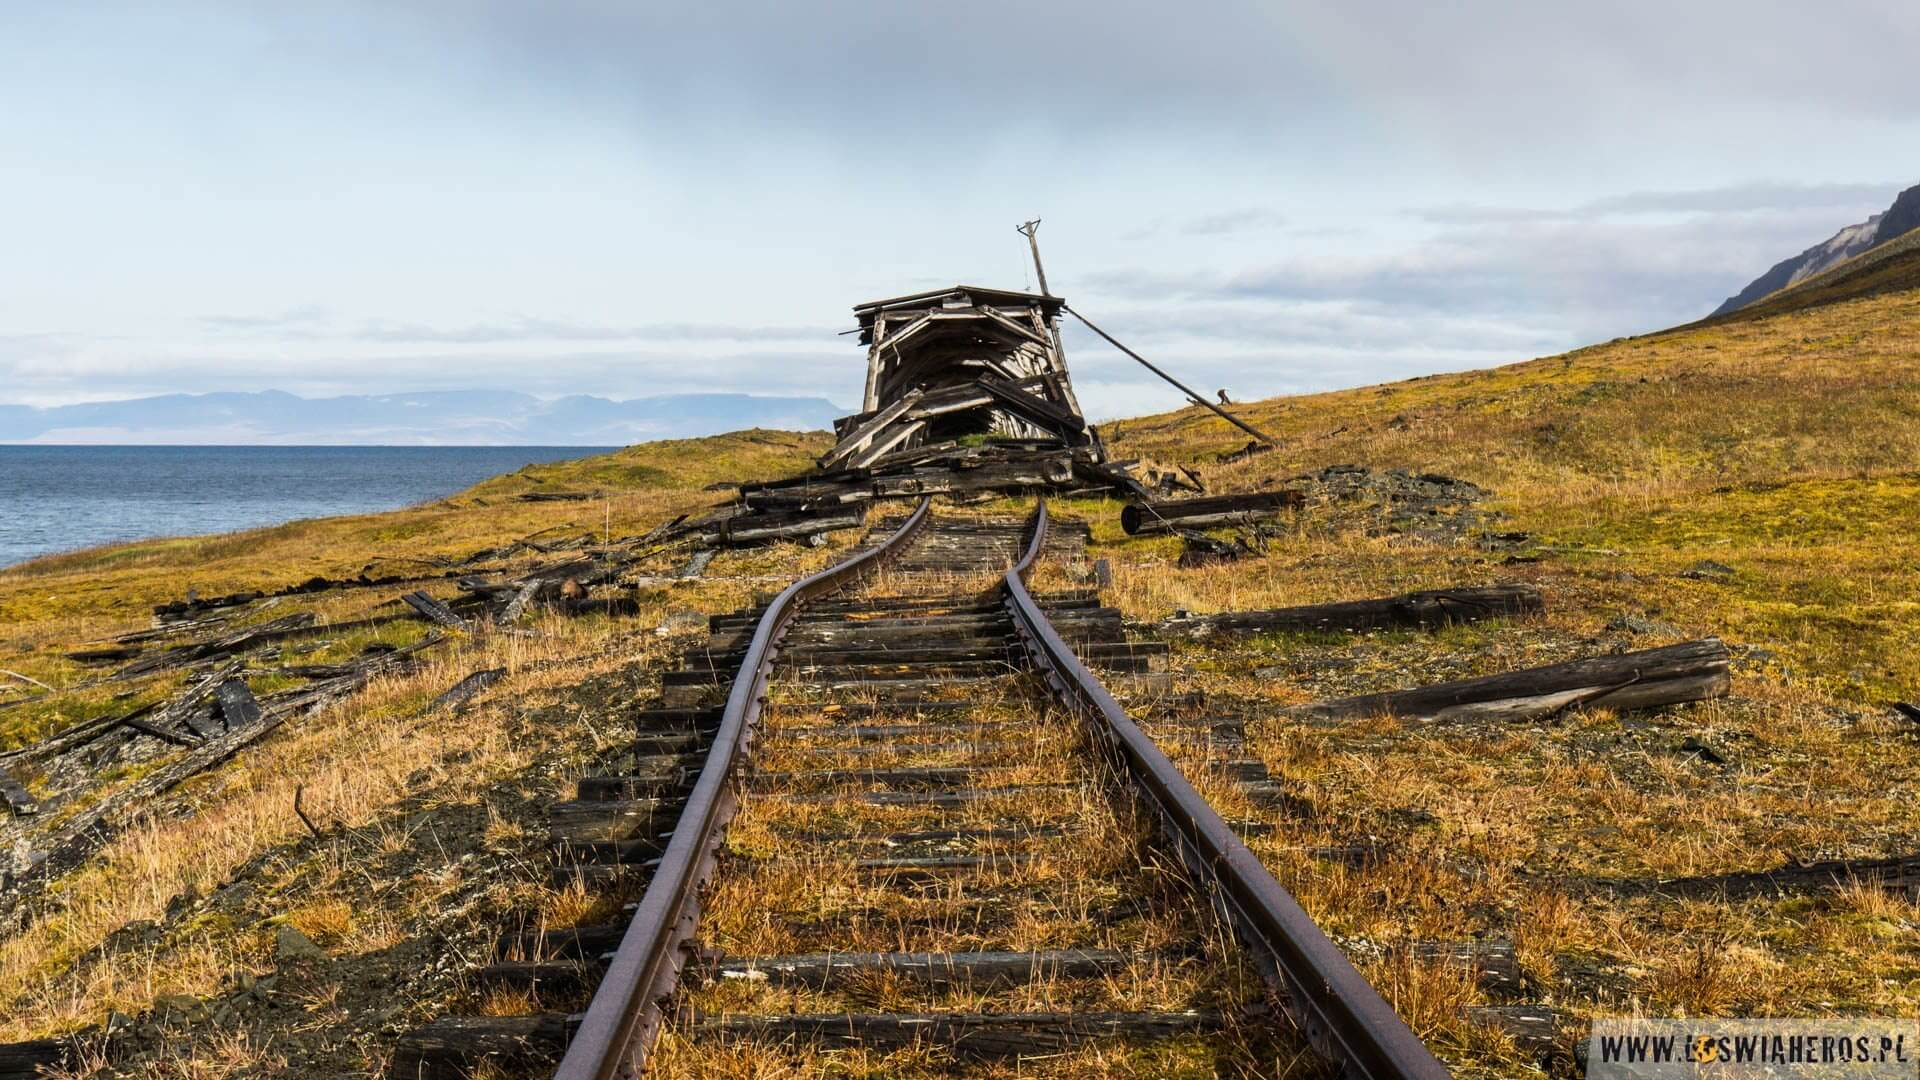 Opuszczone miejsca zwykle rozbierane są przez ludzi, ale tam nie ma nikogo. Największym wyzwaniem dla budynków jest wiatr, który potrafi duć niemiłosiernie. Na zdjęciu stara linia węglowa, którą jeździły wagoniki z kopalni do przystani, którą widać na zdjęciu wyżej.